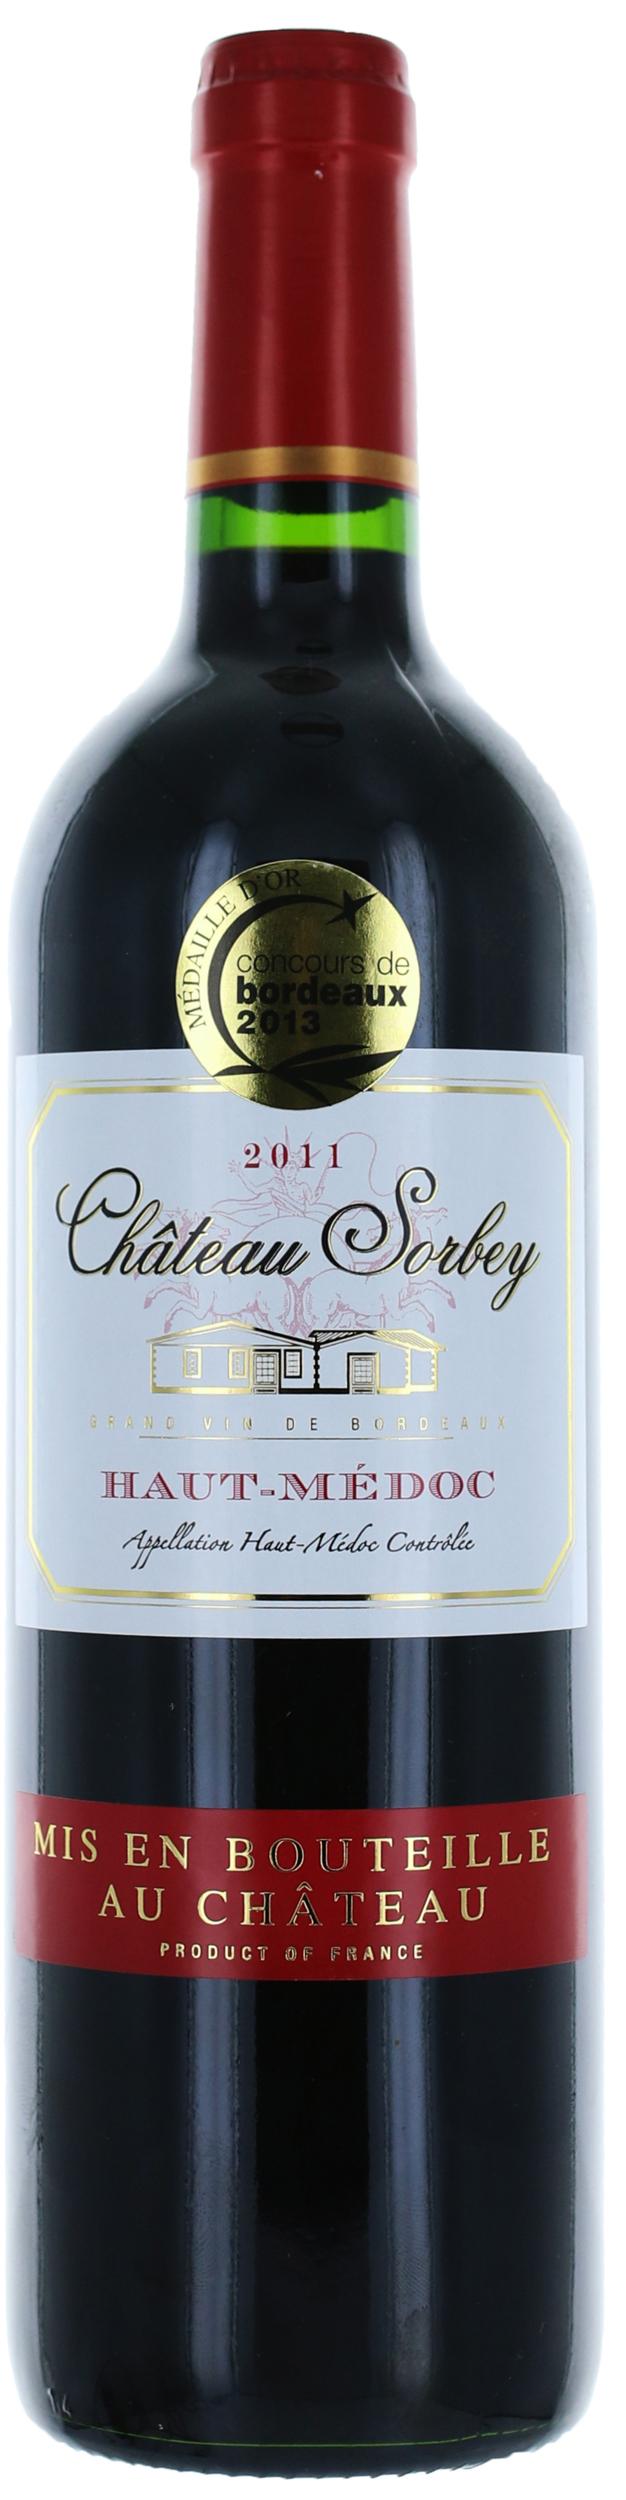 Haut Medoc - Château Sorbey - Vignobles Meyre - 2015